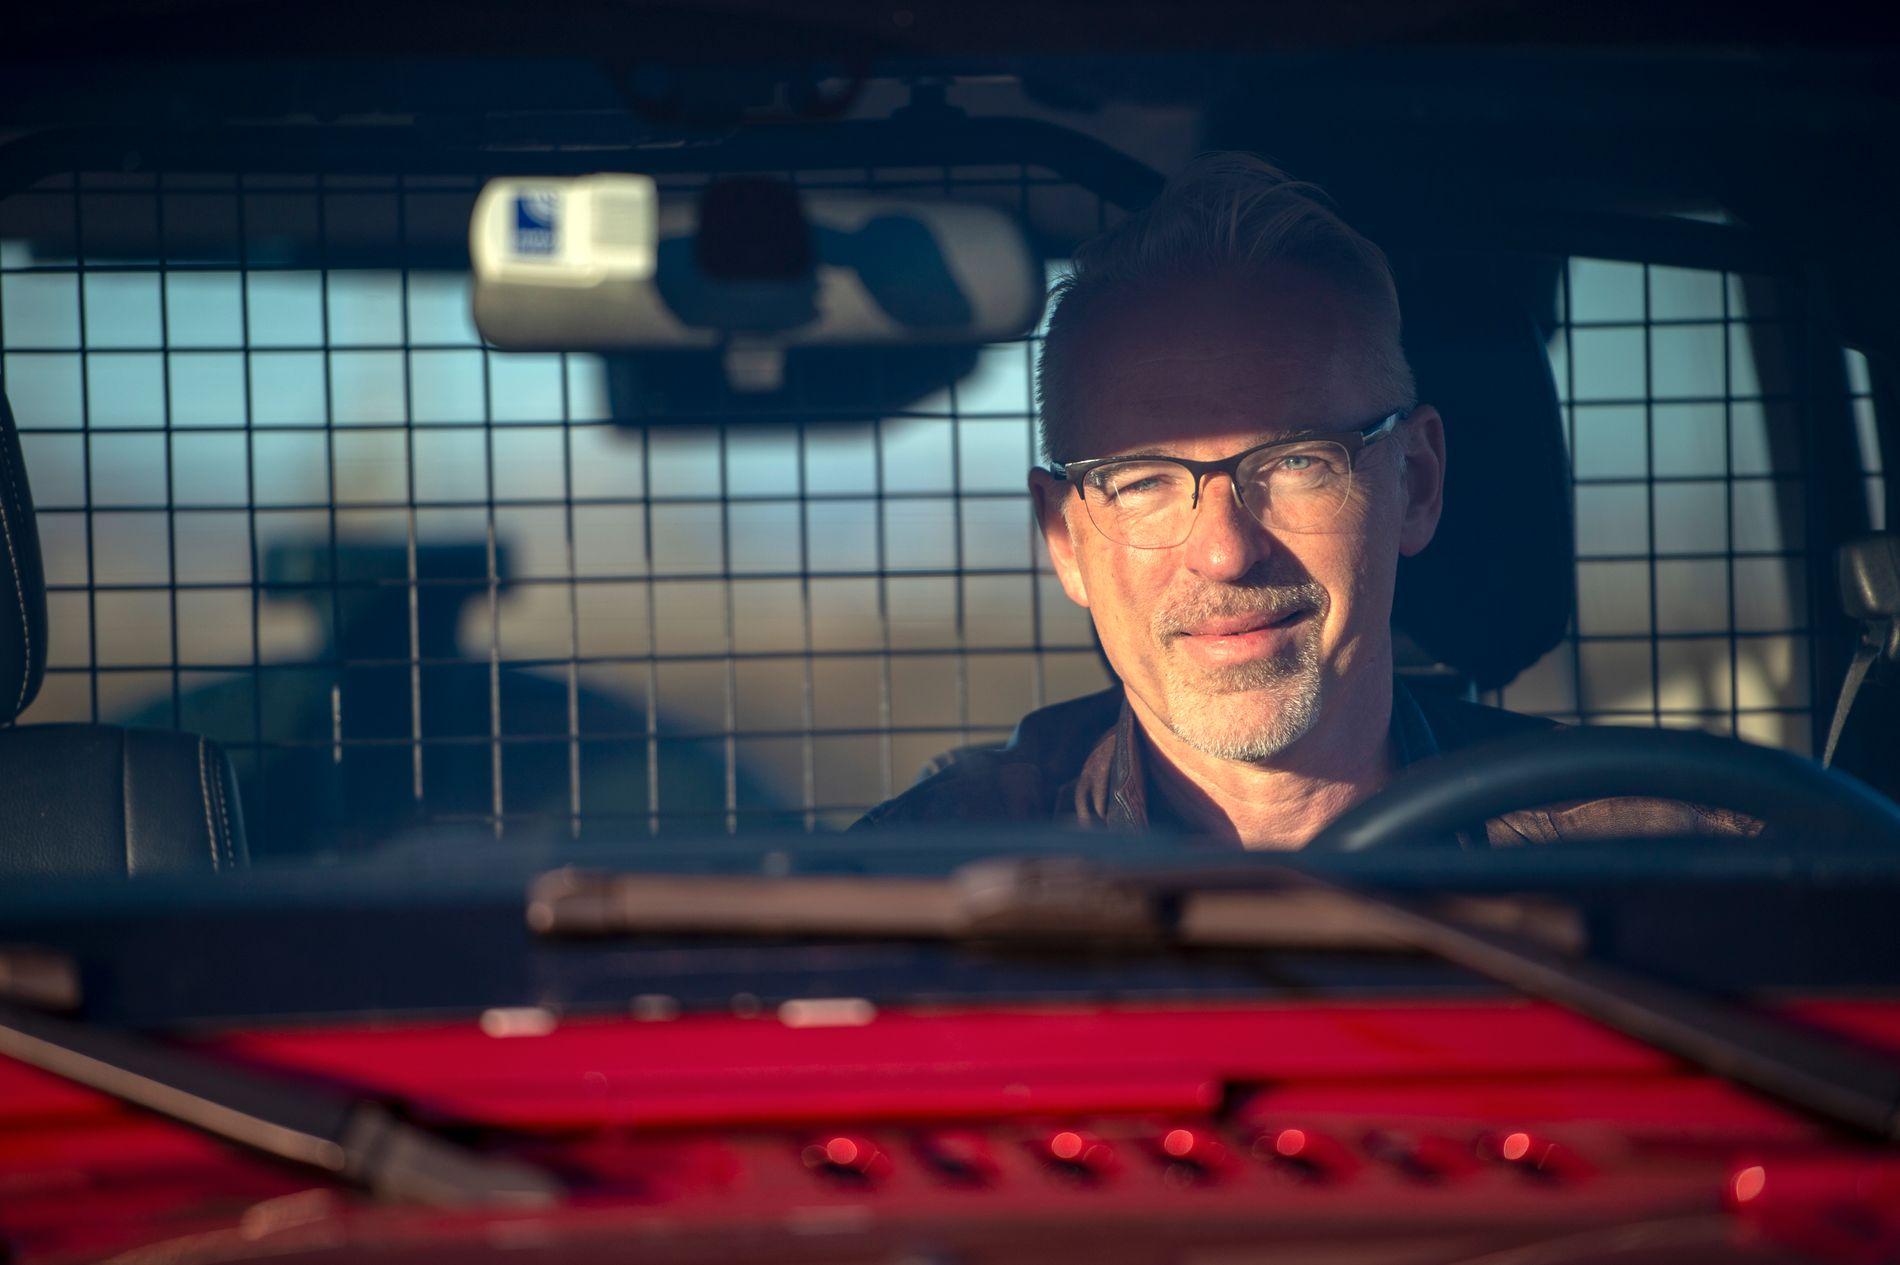 KVA VIL HAN: Knut Inge Andersen er førstekandidat til fylkestingsvalet for Folkeaksjonen nei til mer bompenger. Han kan få ei nøkkelrolle på fylkestinget i Vestland.